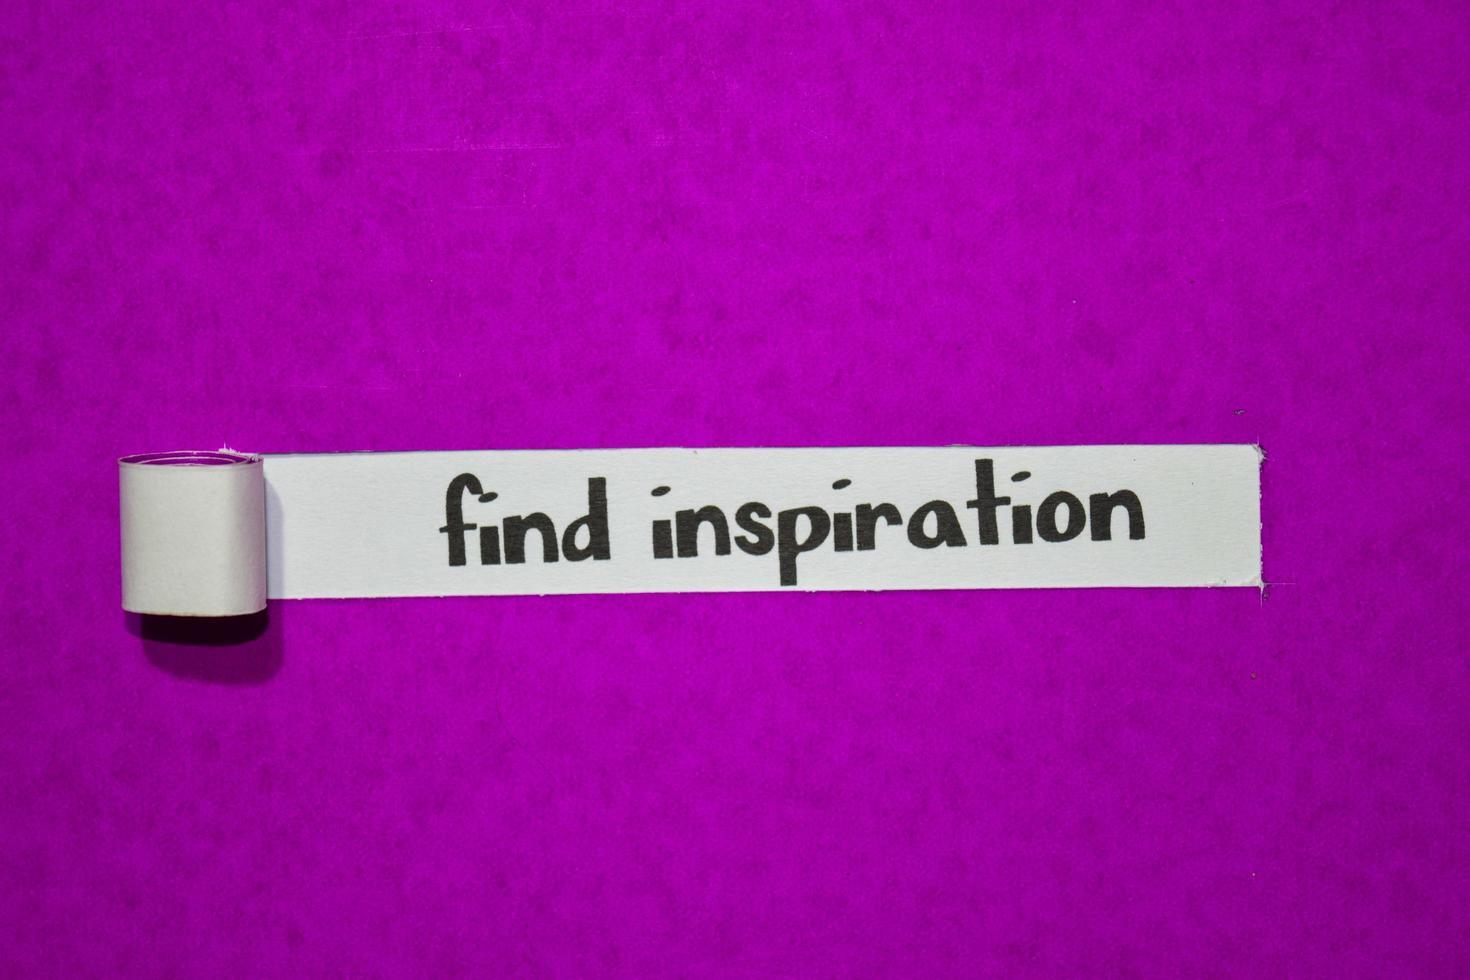 Finden Sie Inspirationstext, Inspiration, Motivation und Geschäftskonzept auf lila zerrissenem Papier foto